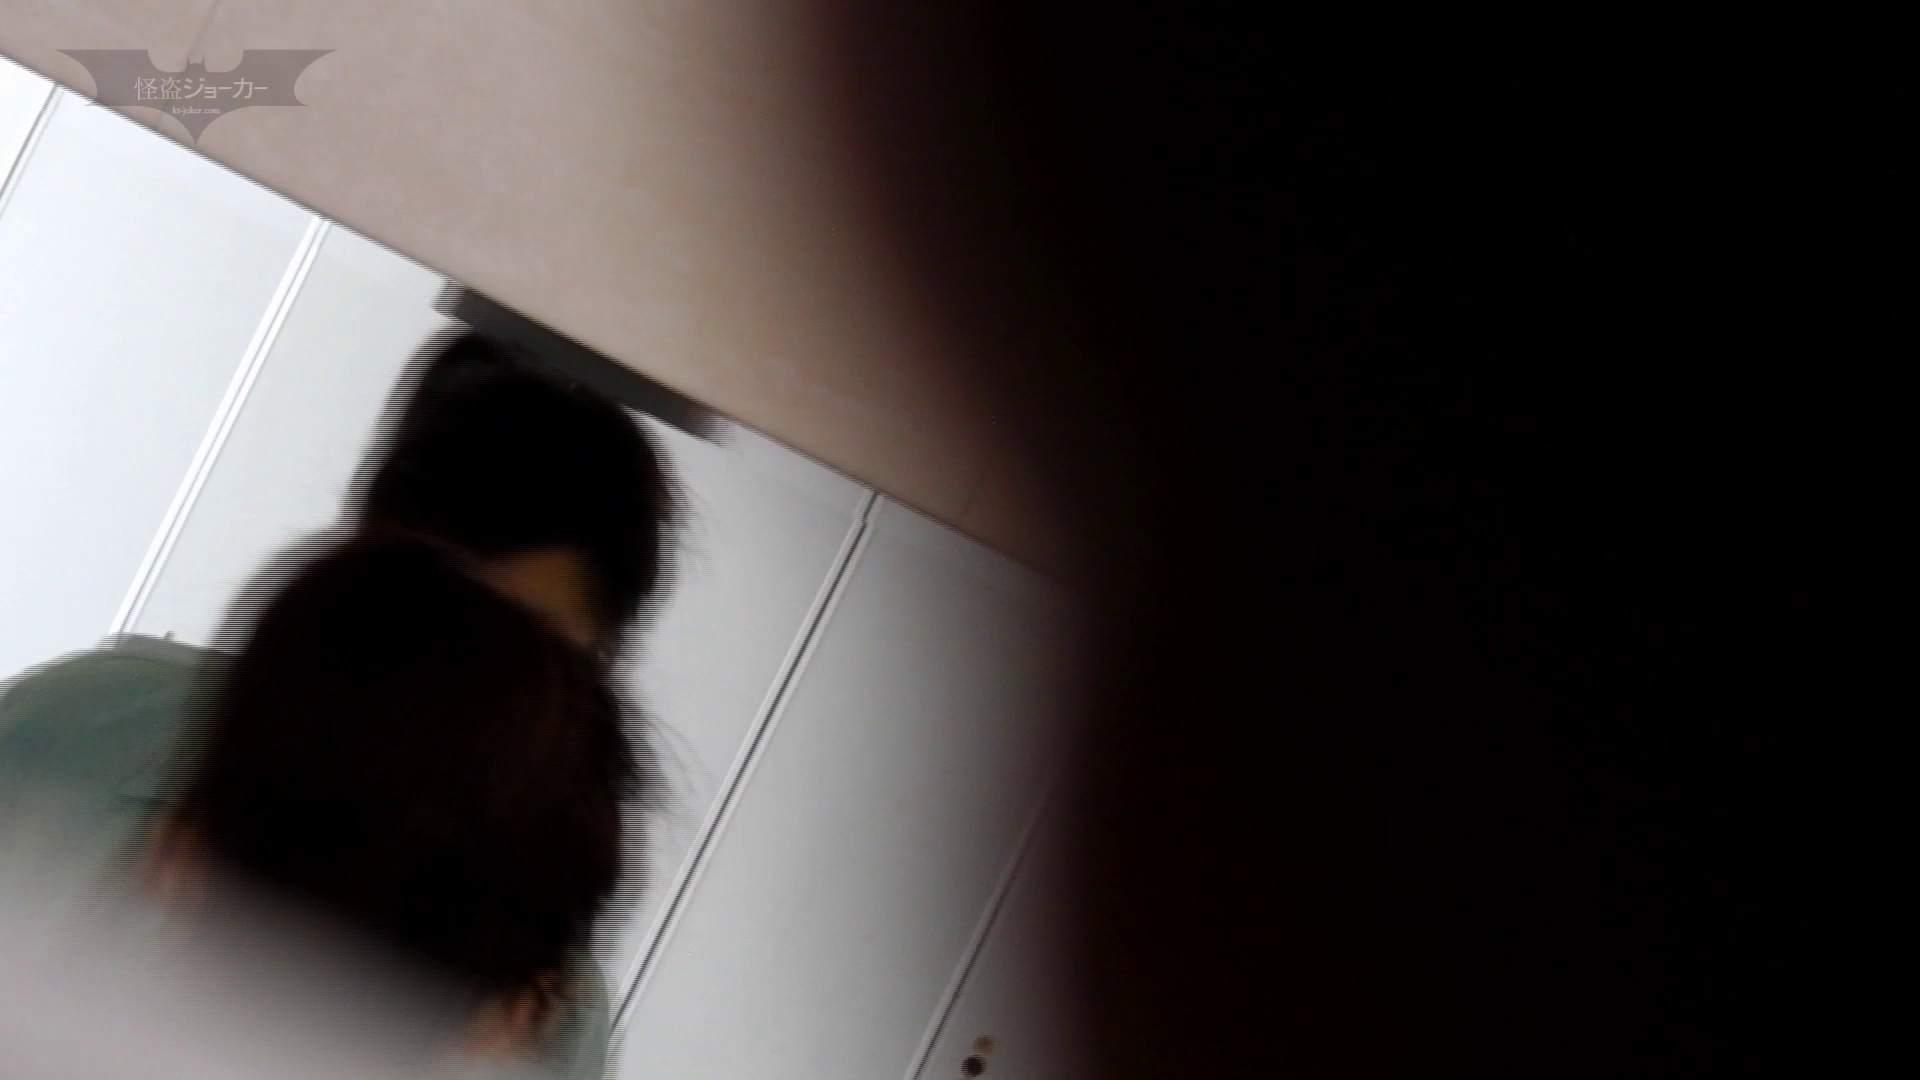 潜入!!台湾名門女学院 Vol.10 進化 潜入エロ調査 | 盗撮エロすぎ  79連発 5